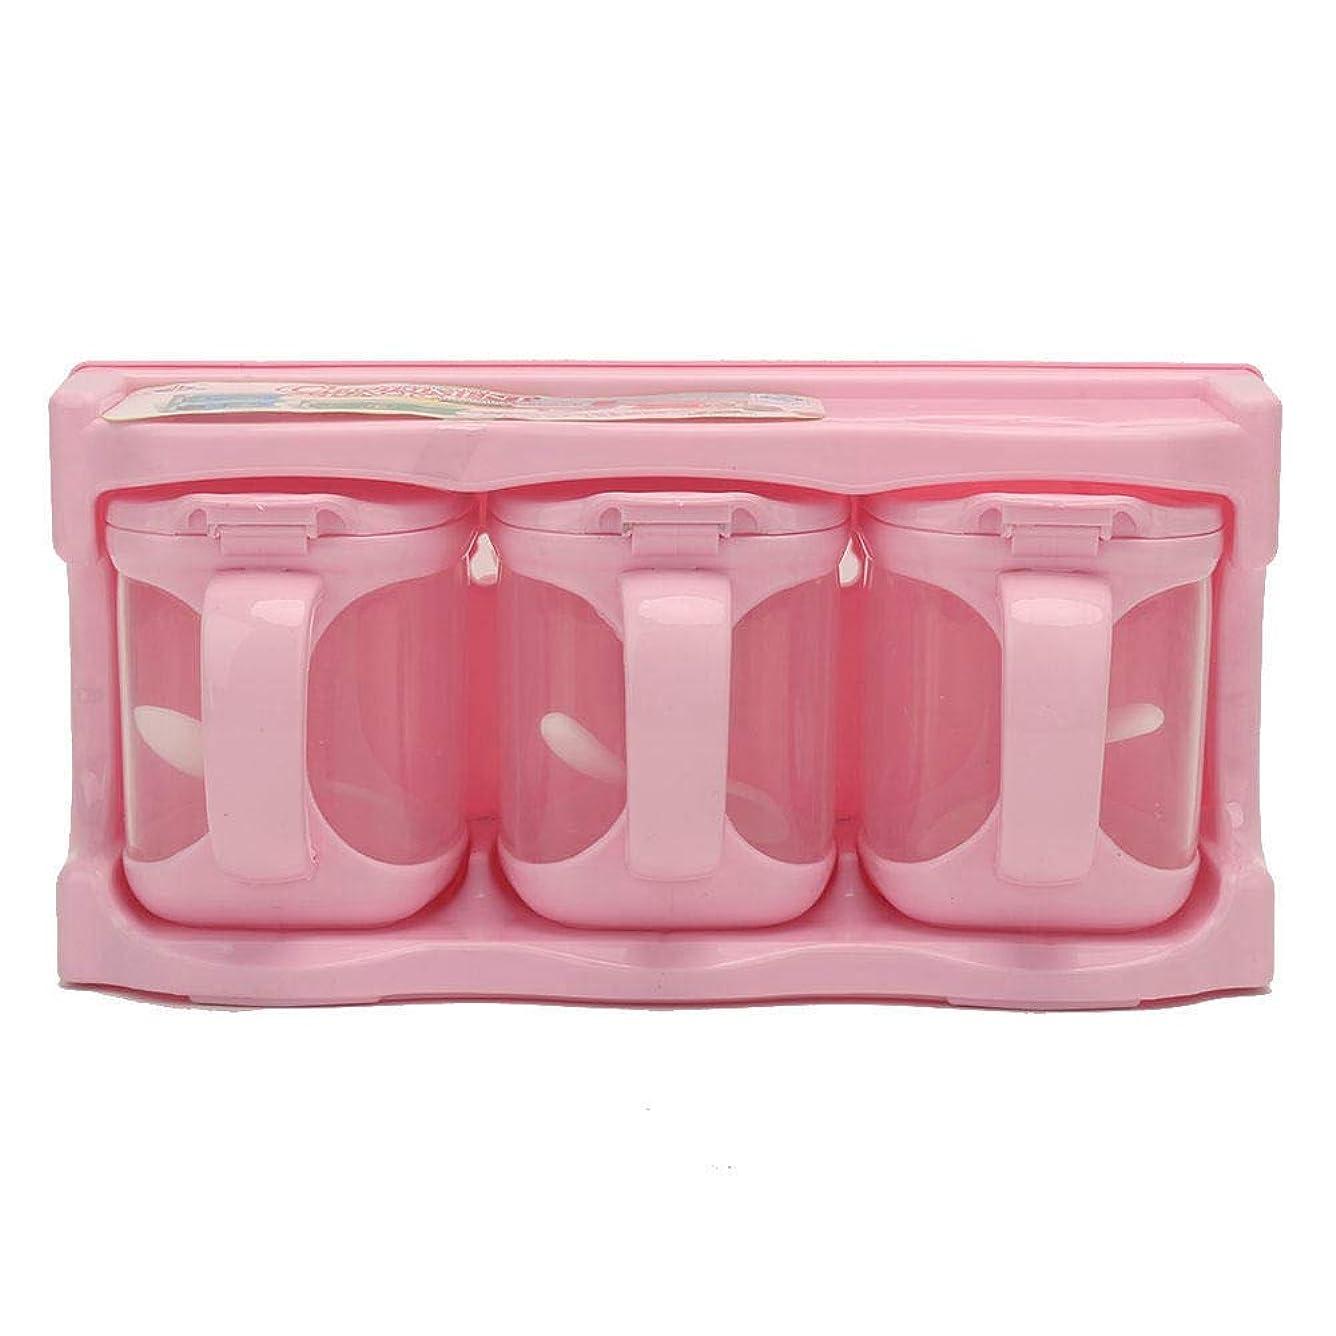 先史時代の休戦おもてなしRefaxi 3コンパートメントプラスチック調味料収納ボックス(ピンク)